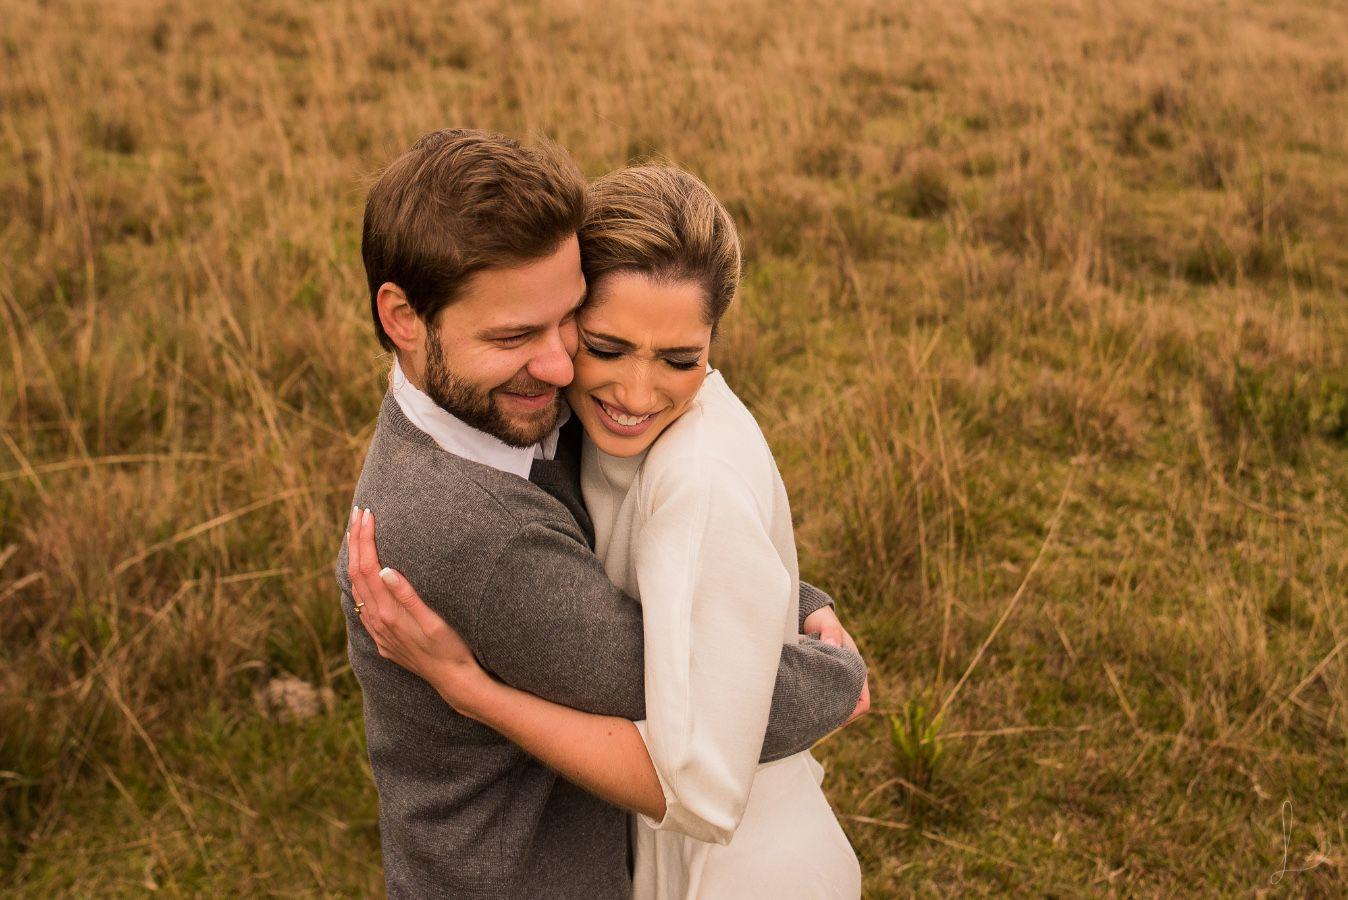 ac44f744-1385-42b3-8c45-d292e0d43cc2 Pré Wedding no interior gaúcho - Nicole e Rafael | Inspire-se